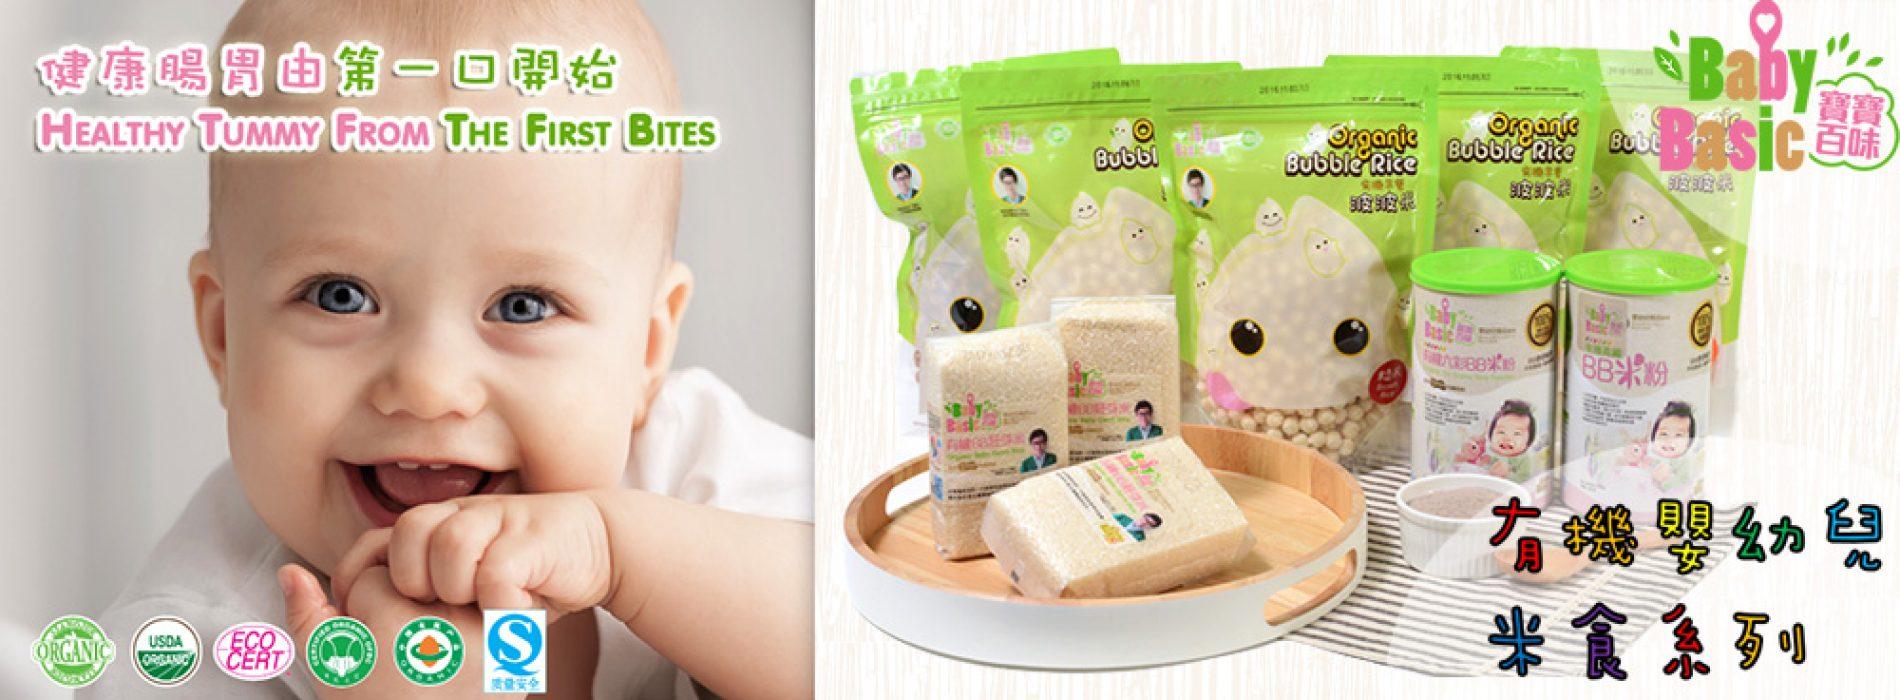 送總值$4,300「Baby Basic寶寶百味」早餐有機波波米